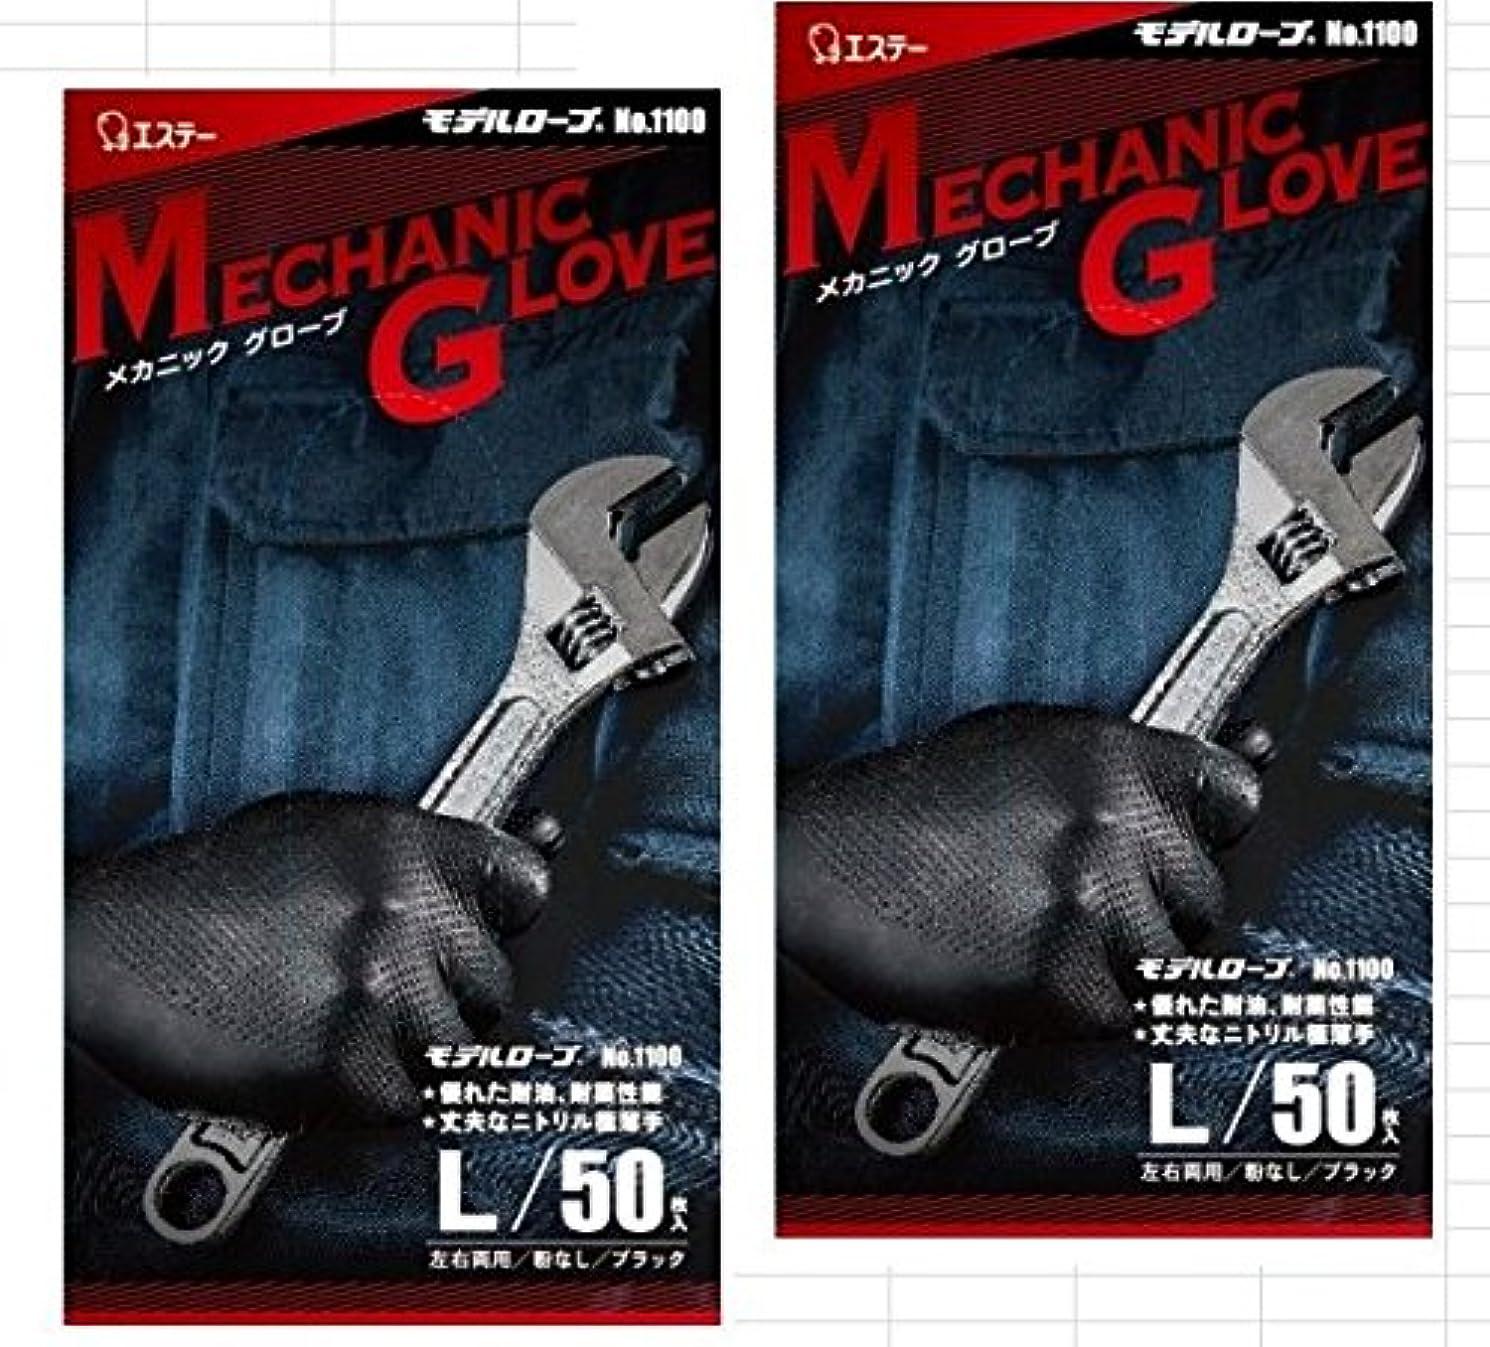 業界デコレーション現実的【2組】モデルローブ No.1100 メカニックグローブ Lサイズ ブラック 50枚 …